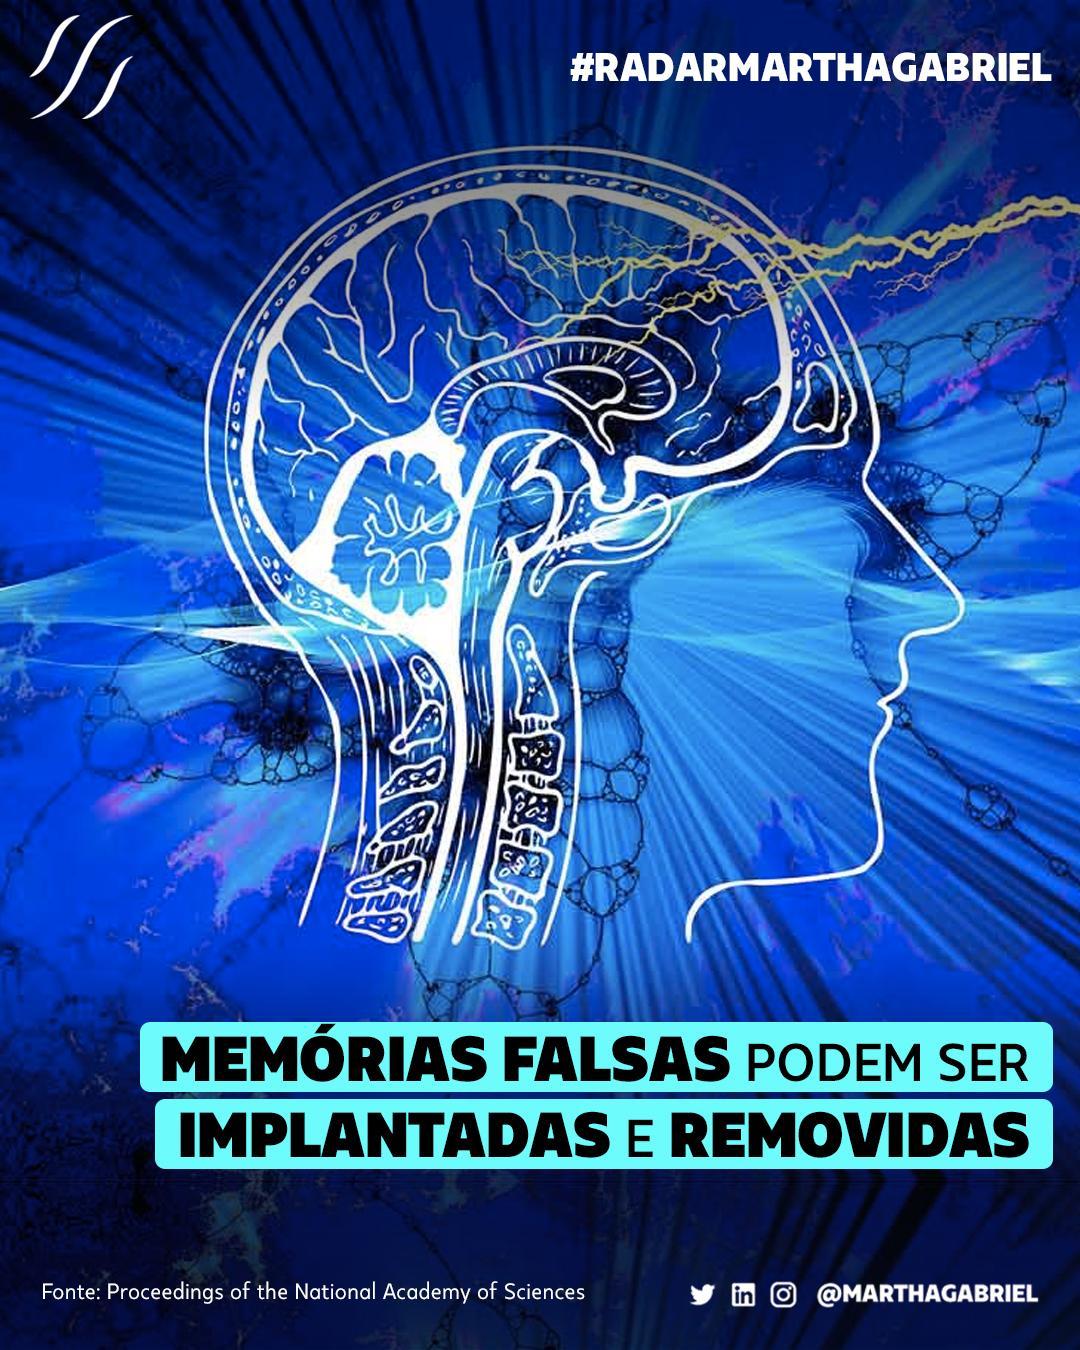 Memórias falsas podem ser implantadas e removidas